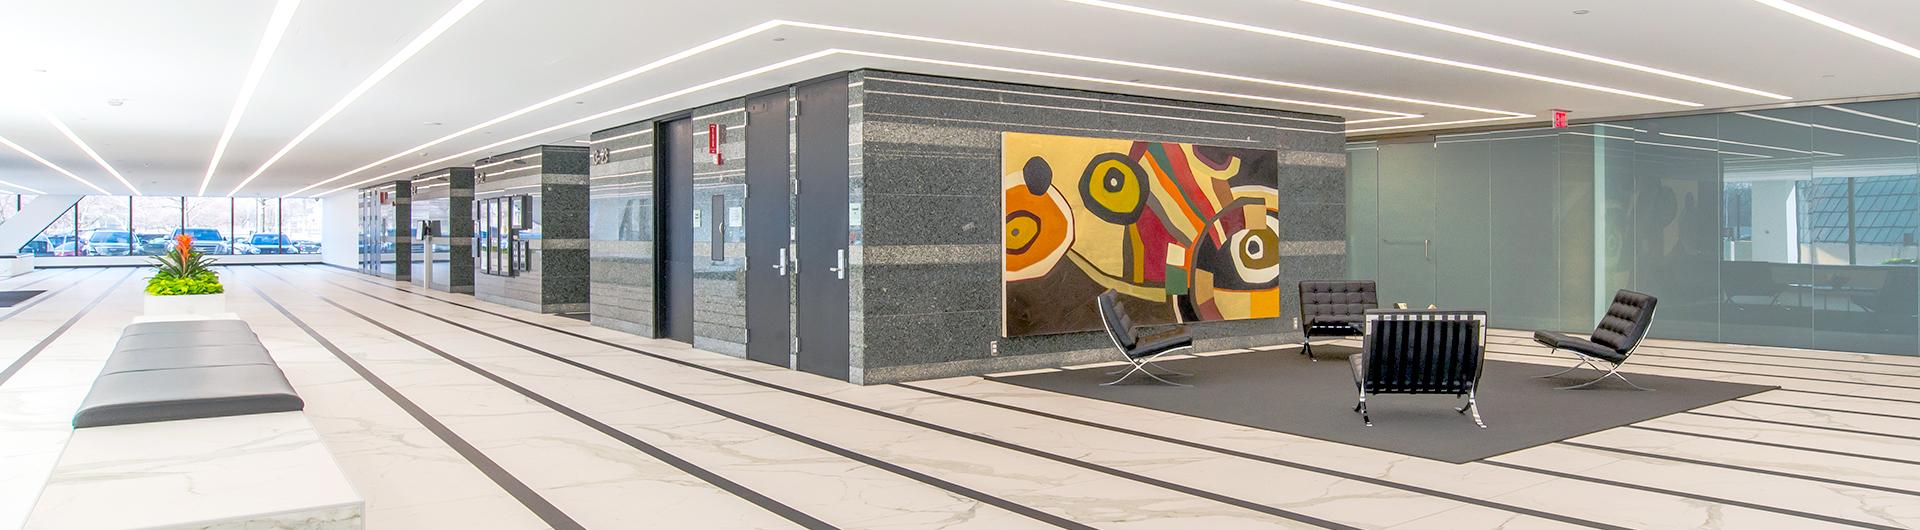 3000 Lobby 1.jpg